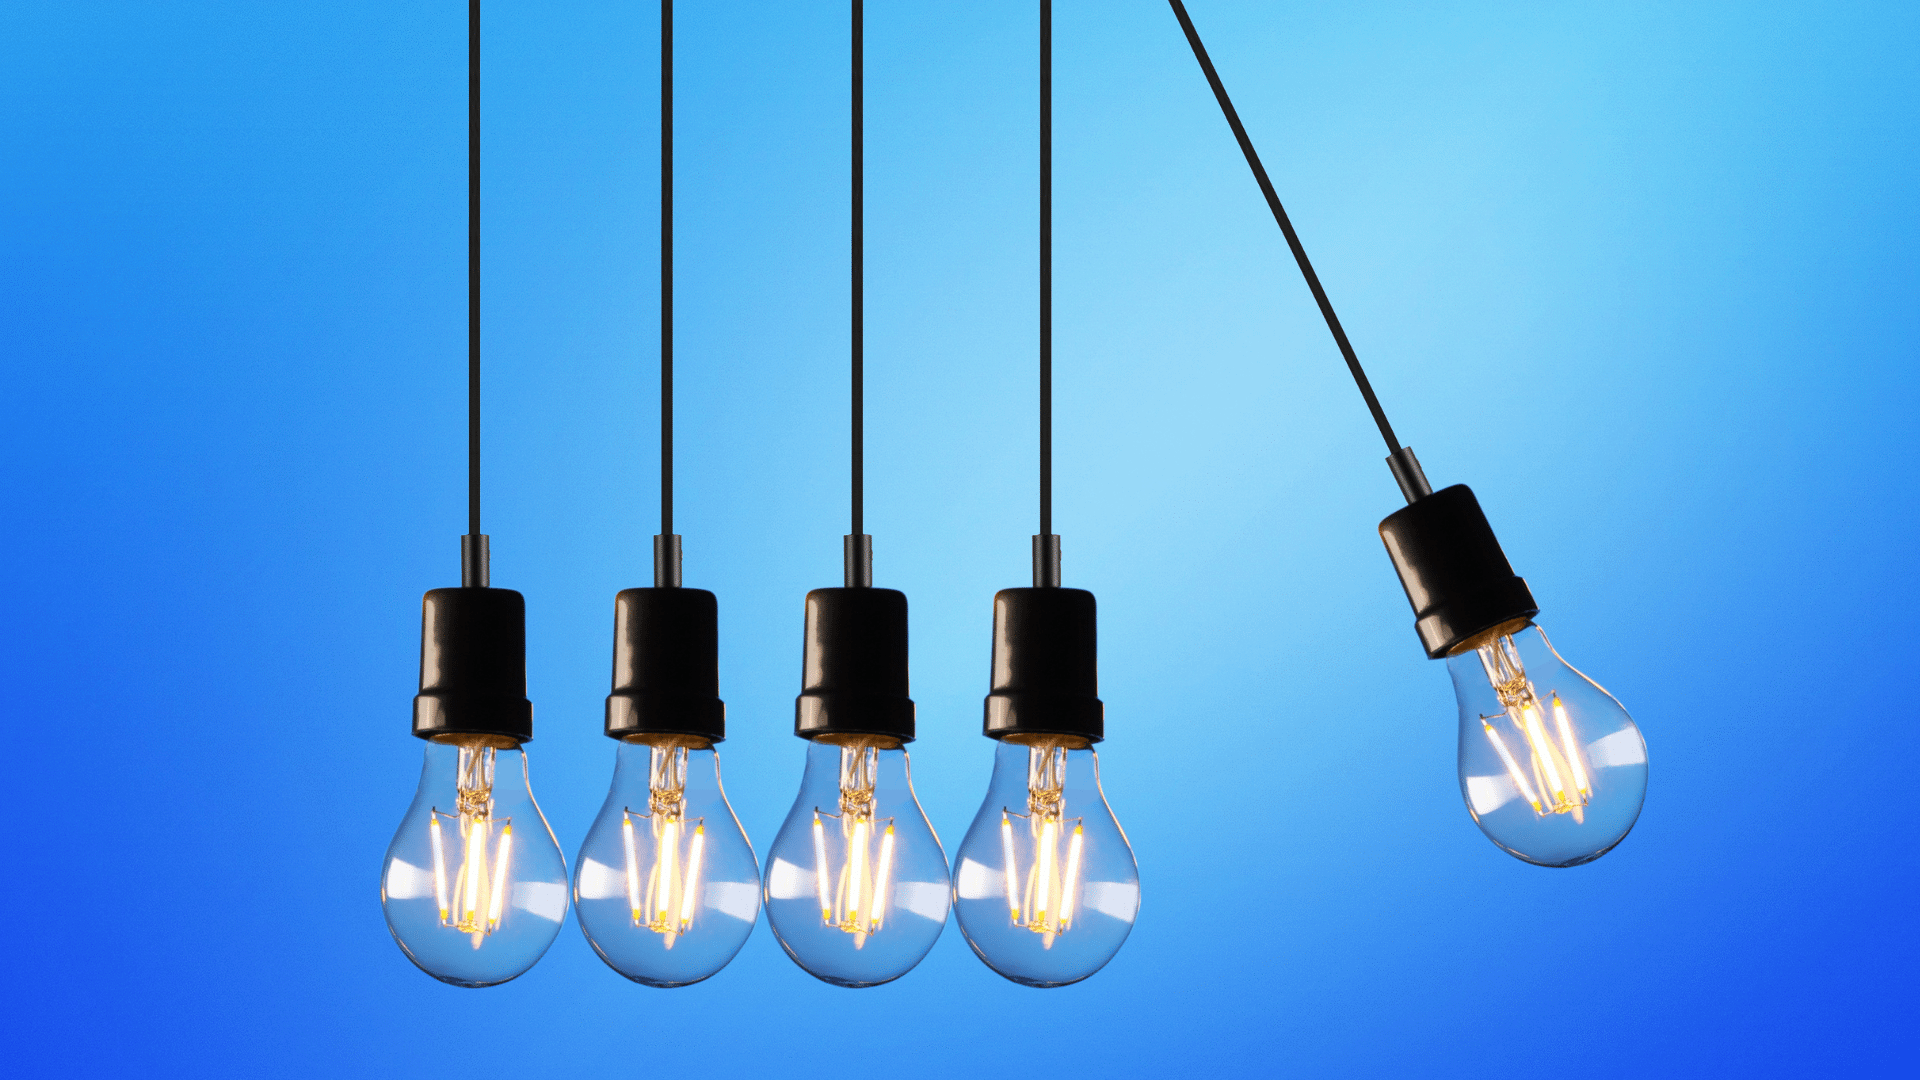 ¿Cómo negociar directamente contratos de energía eléctrica?